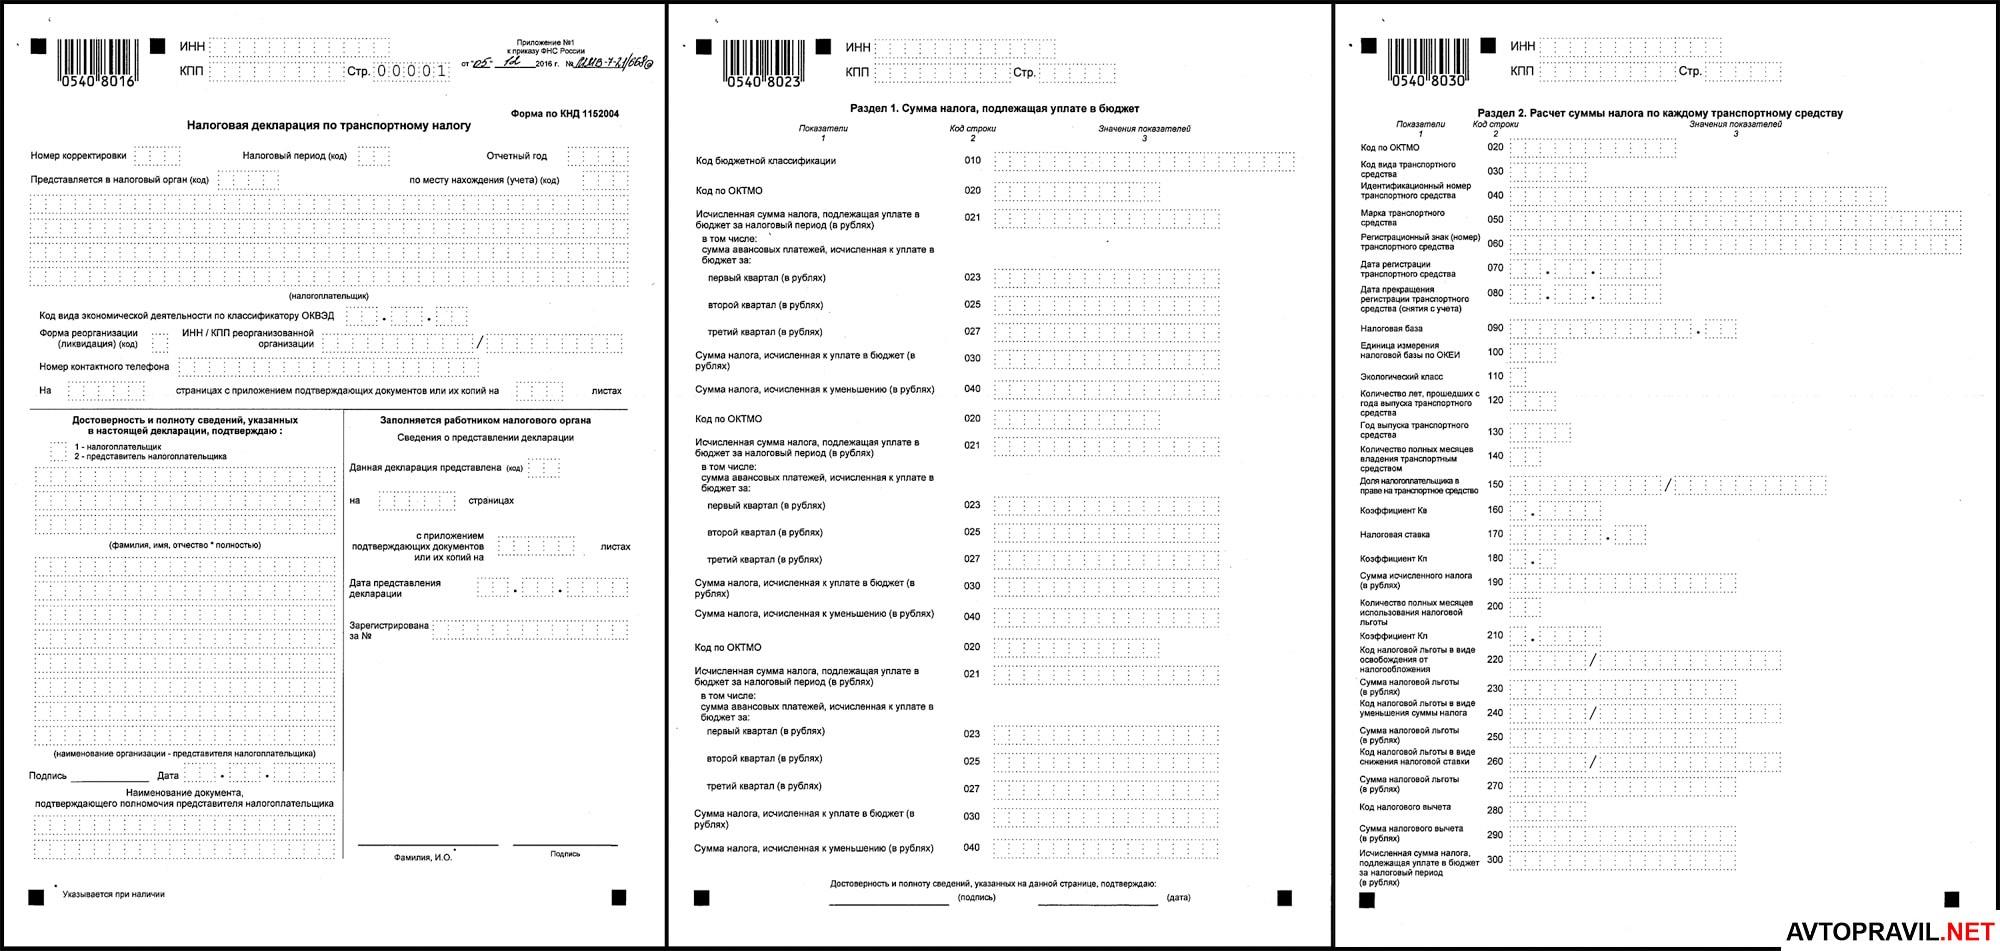 Декларация по транспортному налогу для юридических лиц